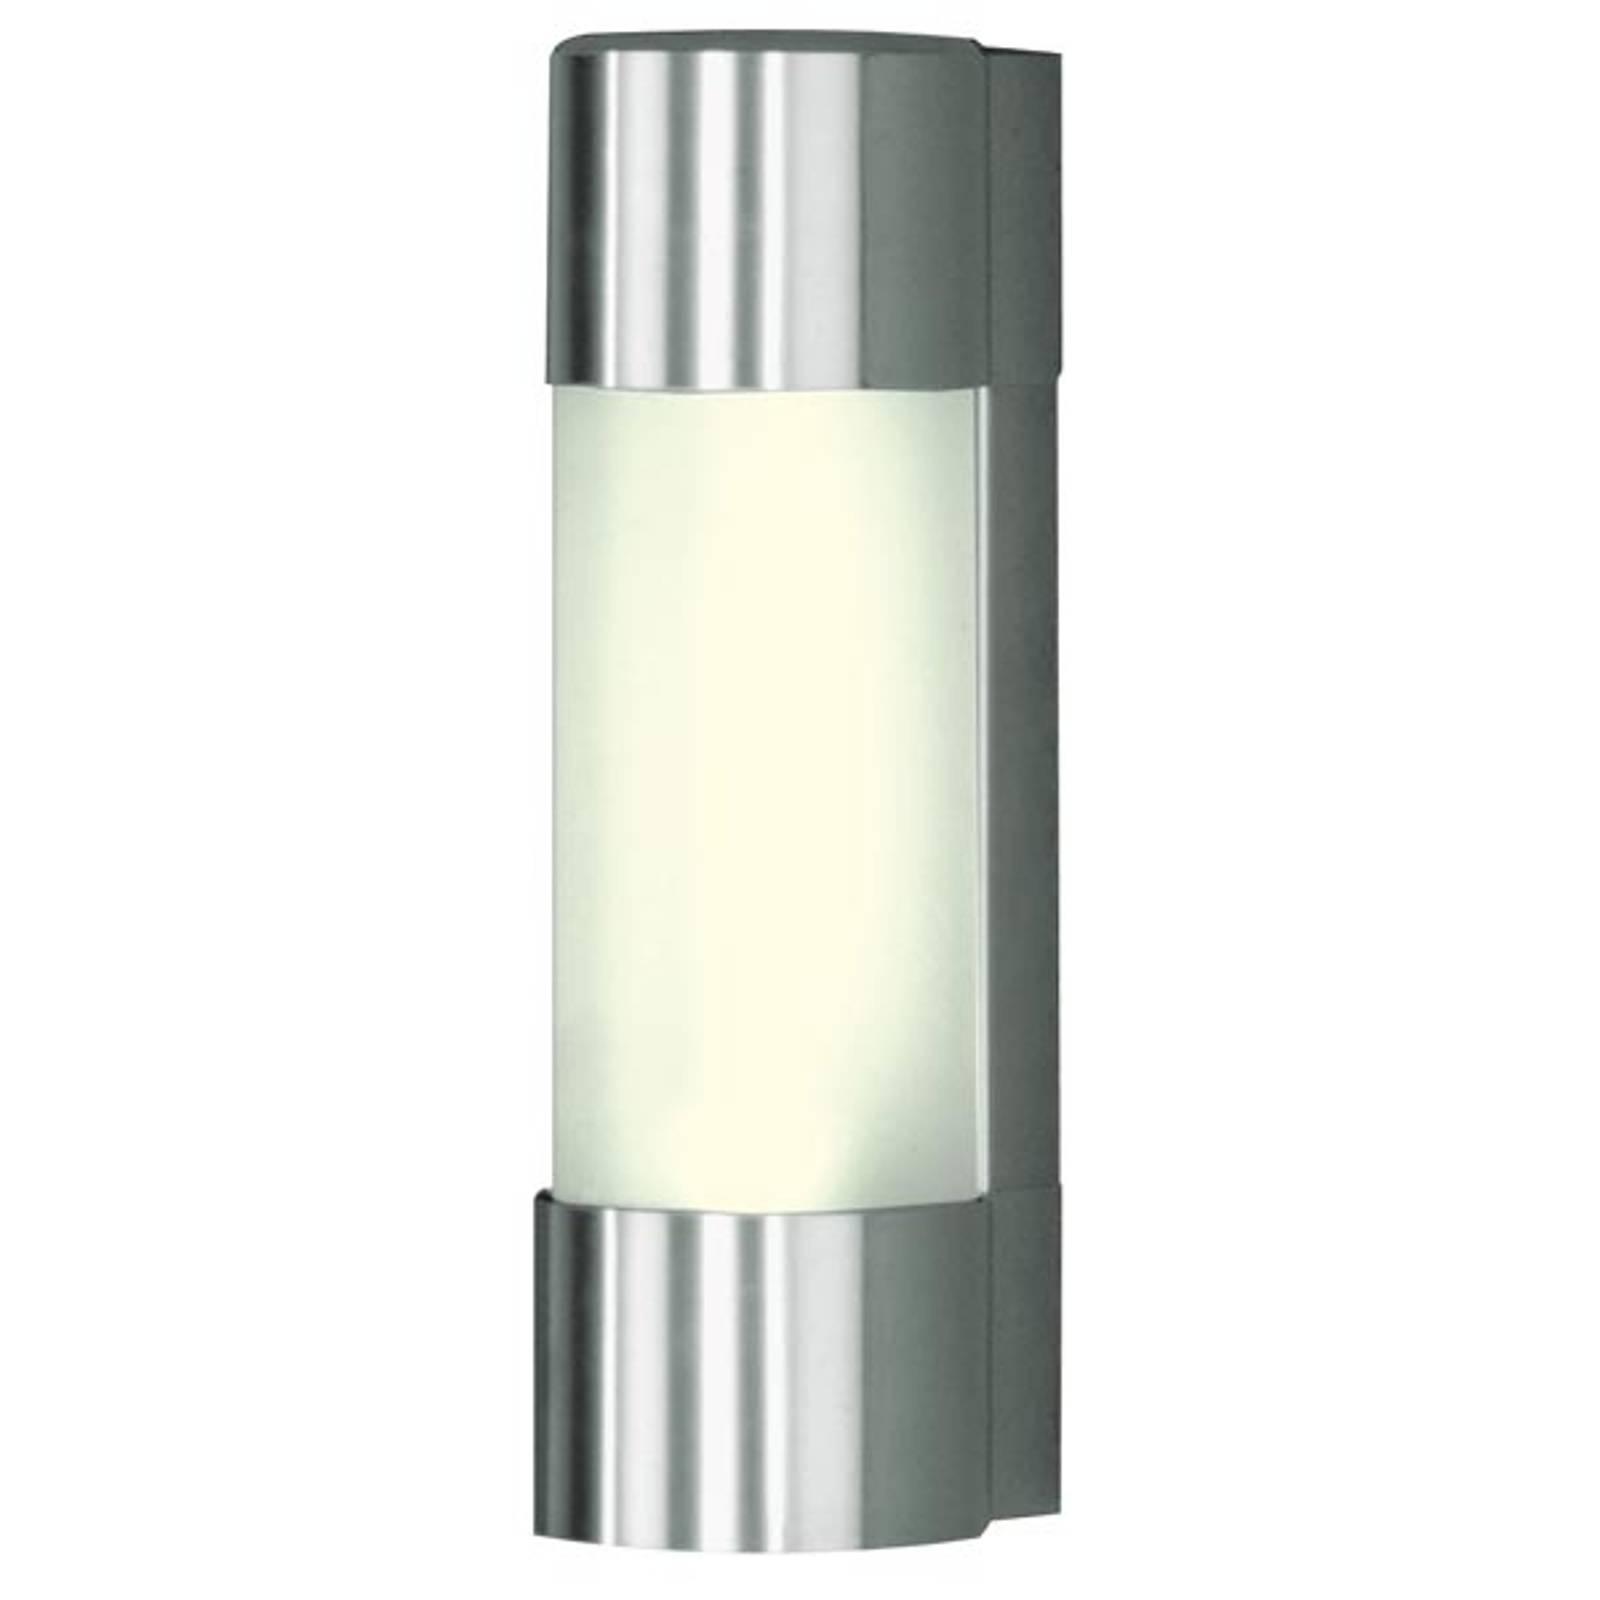 Wandlamp NEPTO